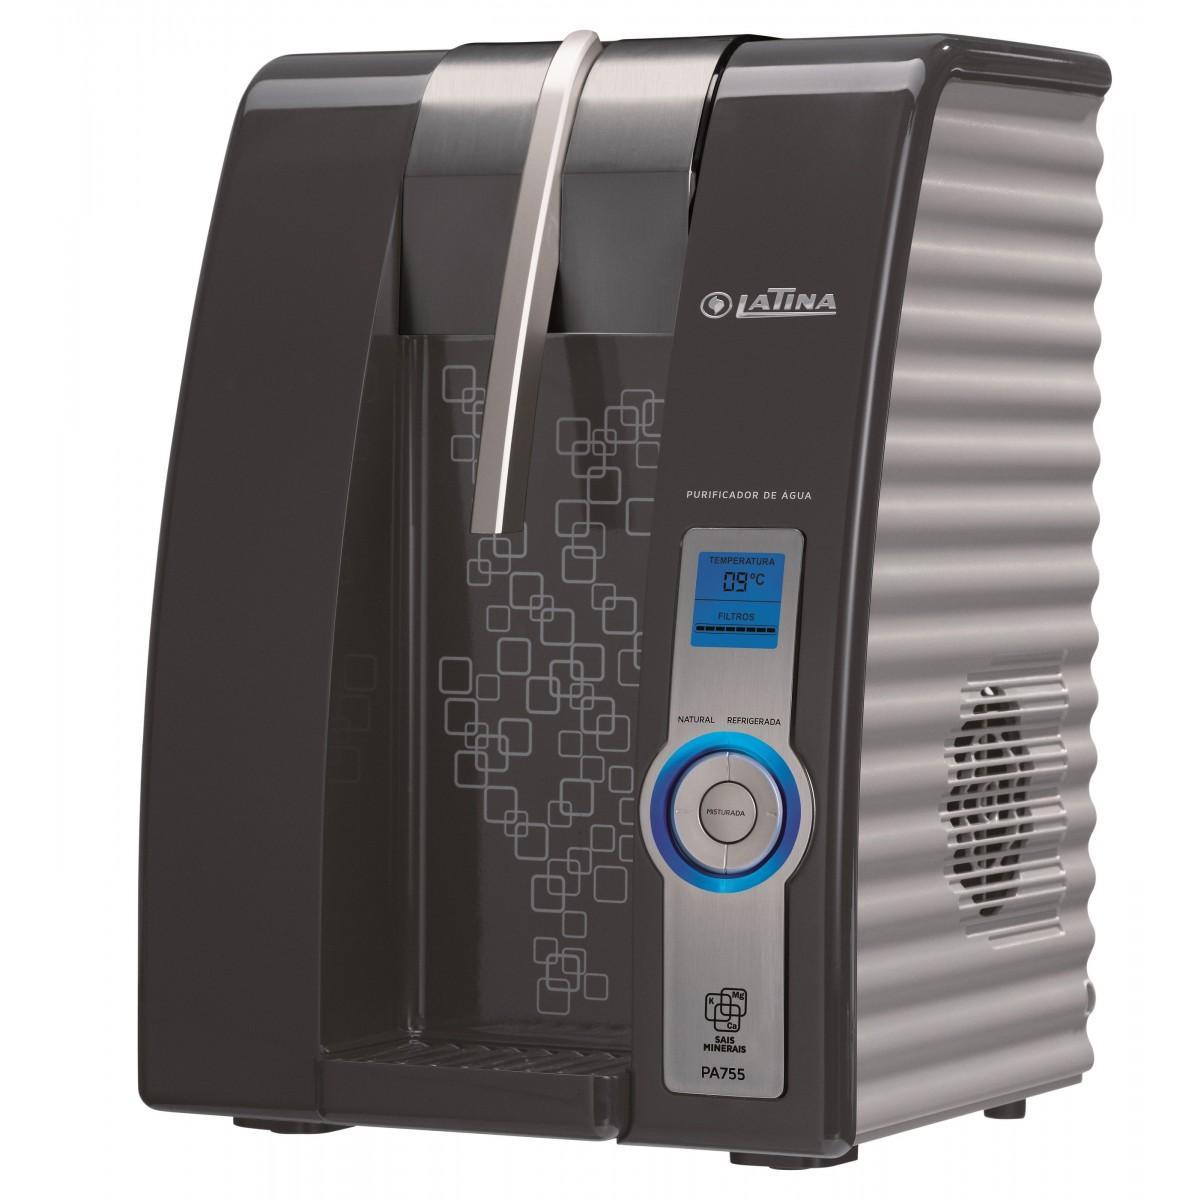 Purificador de Água Eletrônico Refrigerado Latina XPA775 com Visor LED Grafite  - ShopNoroeste.com.br